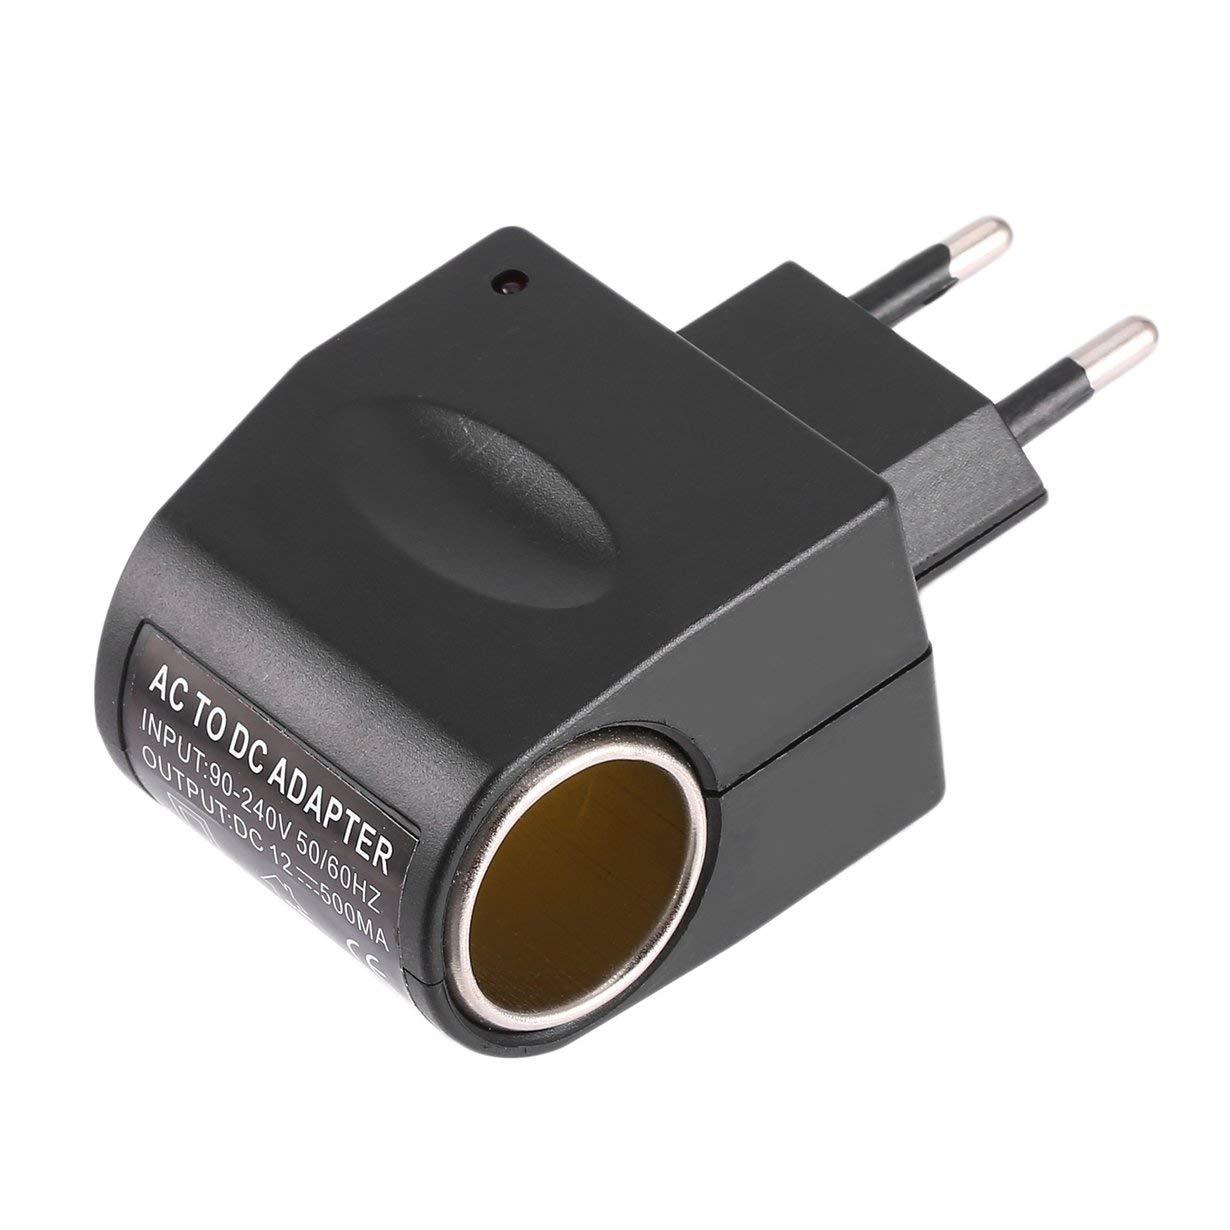 Universale in plastica + metallo 110 V-240 V 50-60 Hz AC a 12V DC EU Car Power Adapter Adapter Converter Accendisigari UniqueHeart